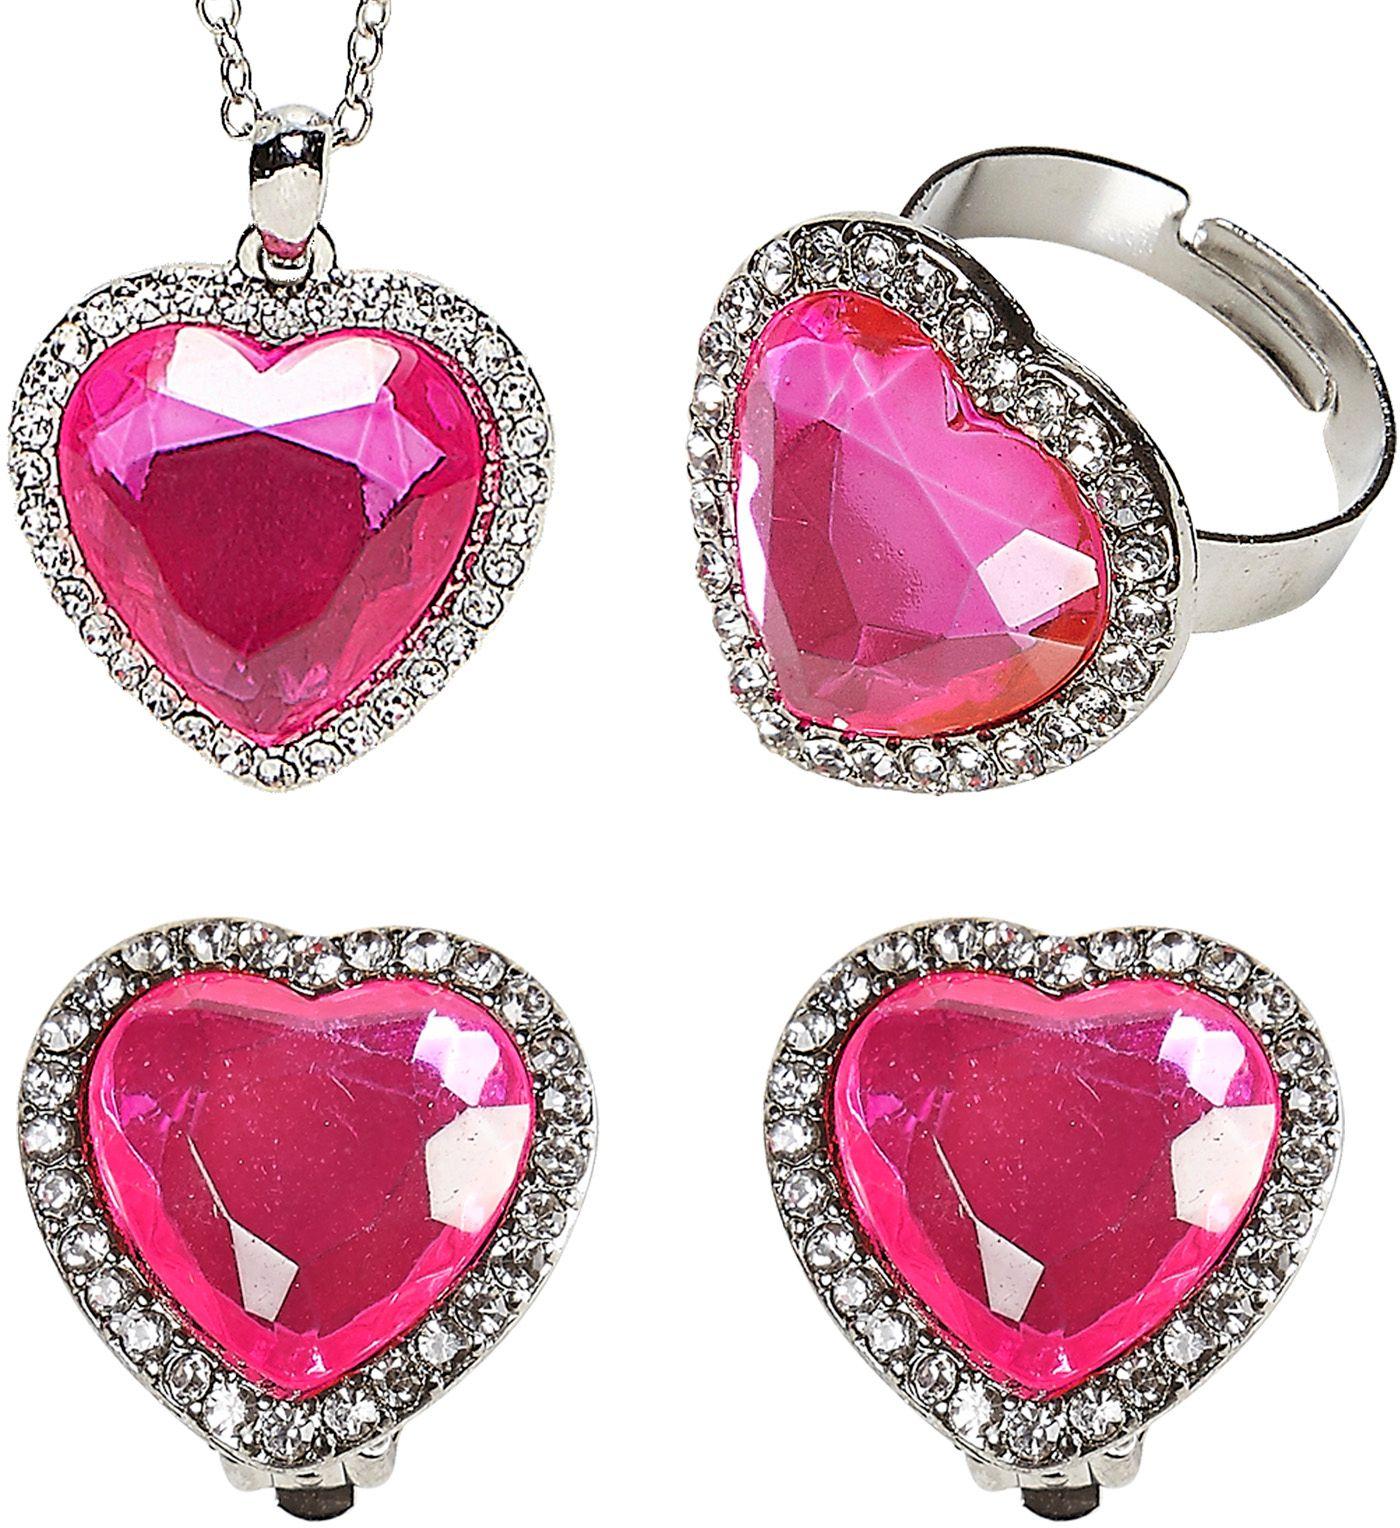 Zilveren sieraden set met hartjes